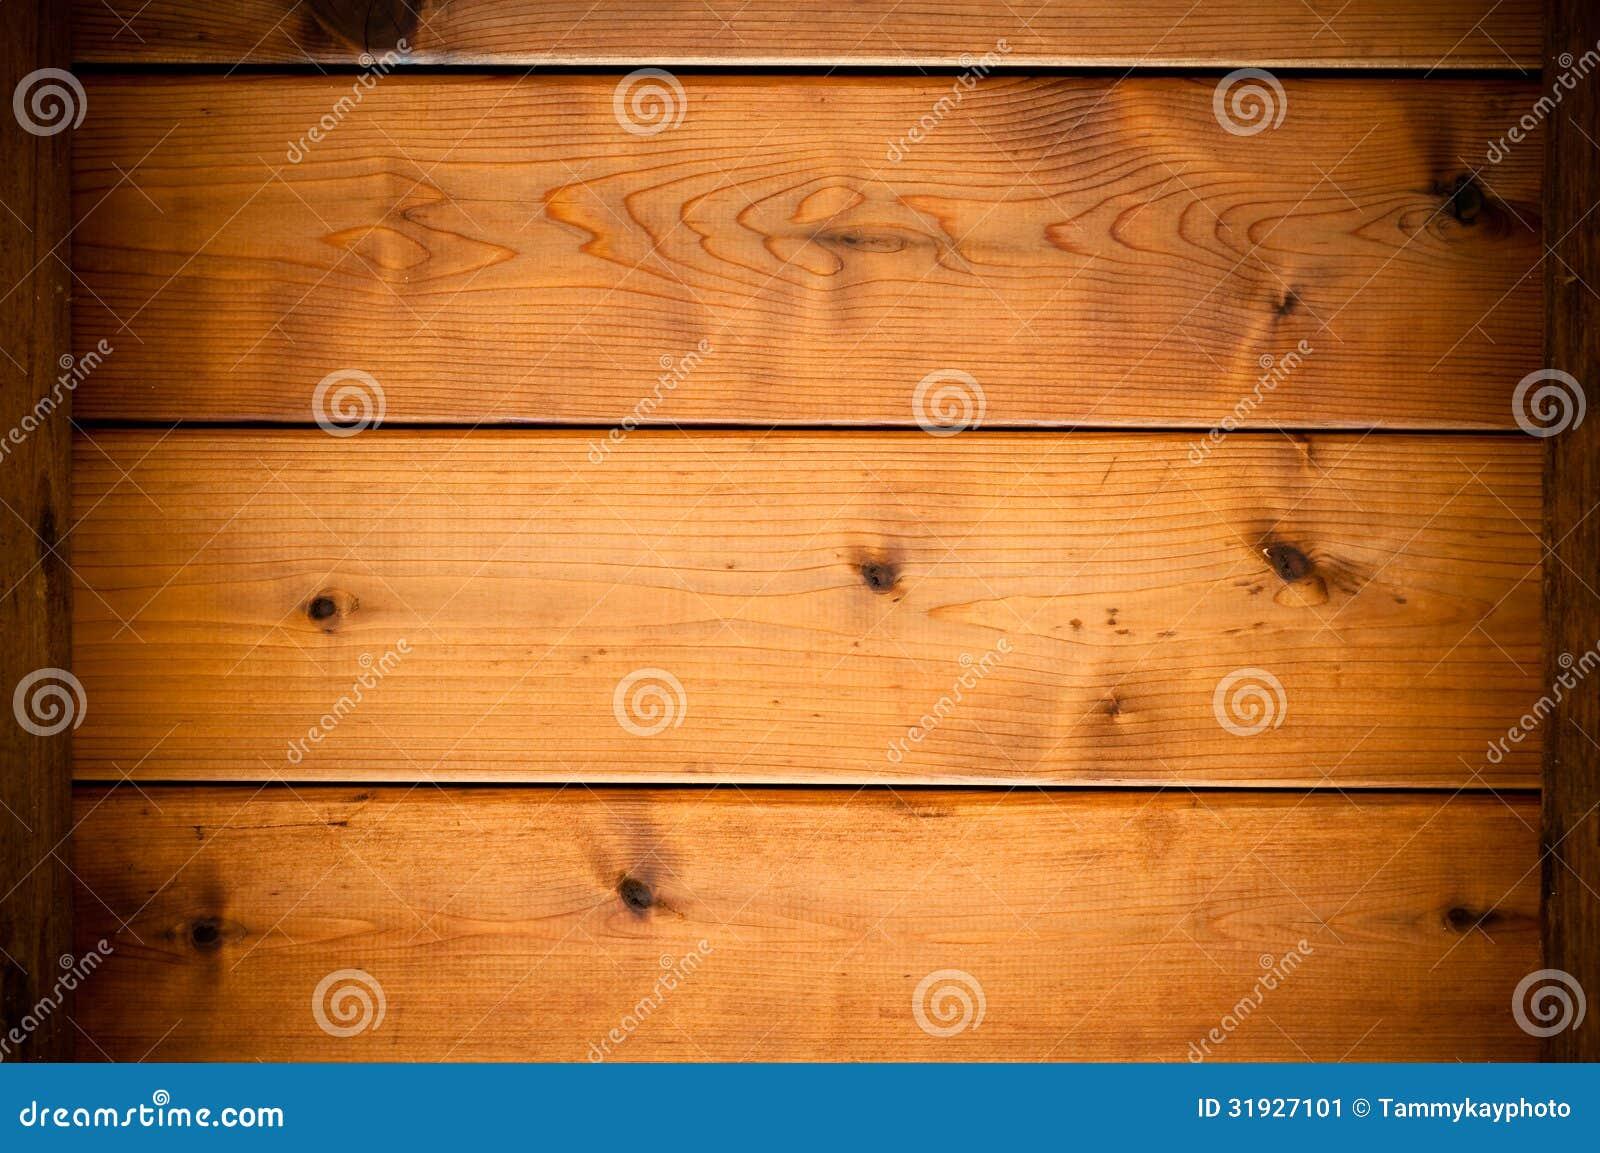 cedar wood planks stock image